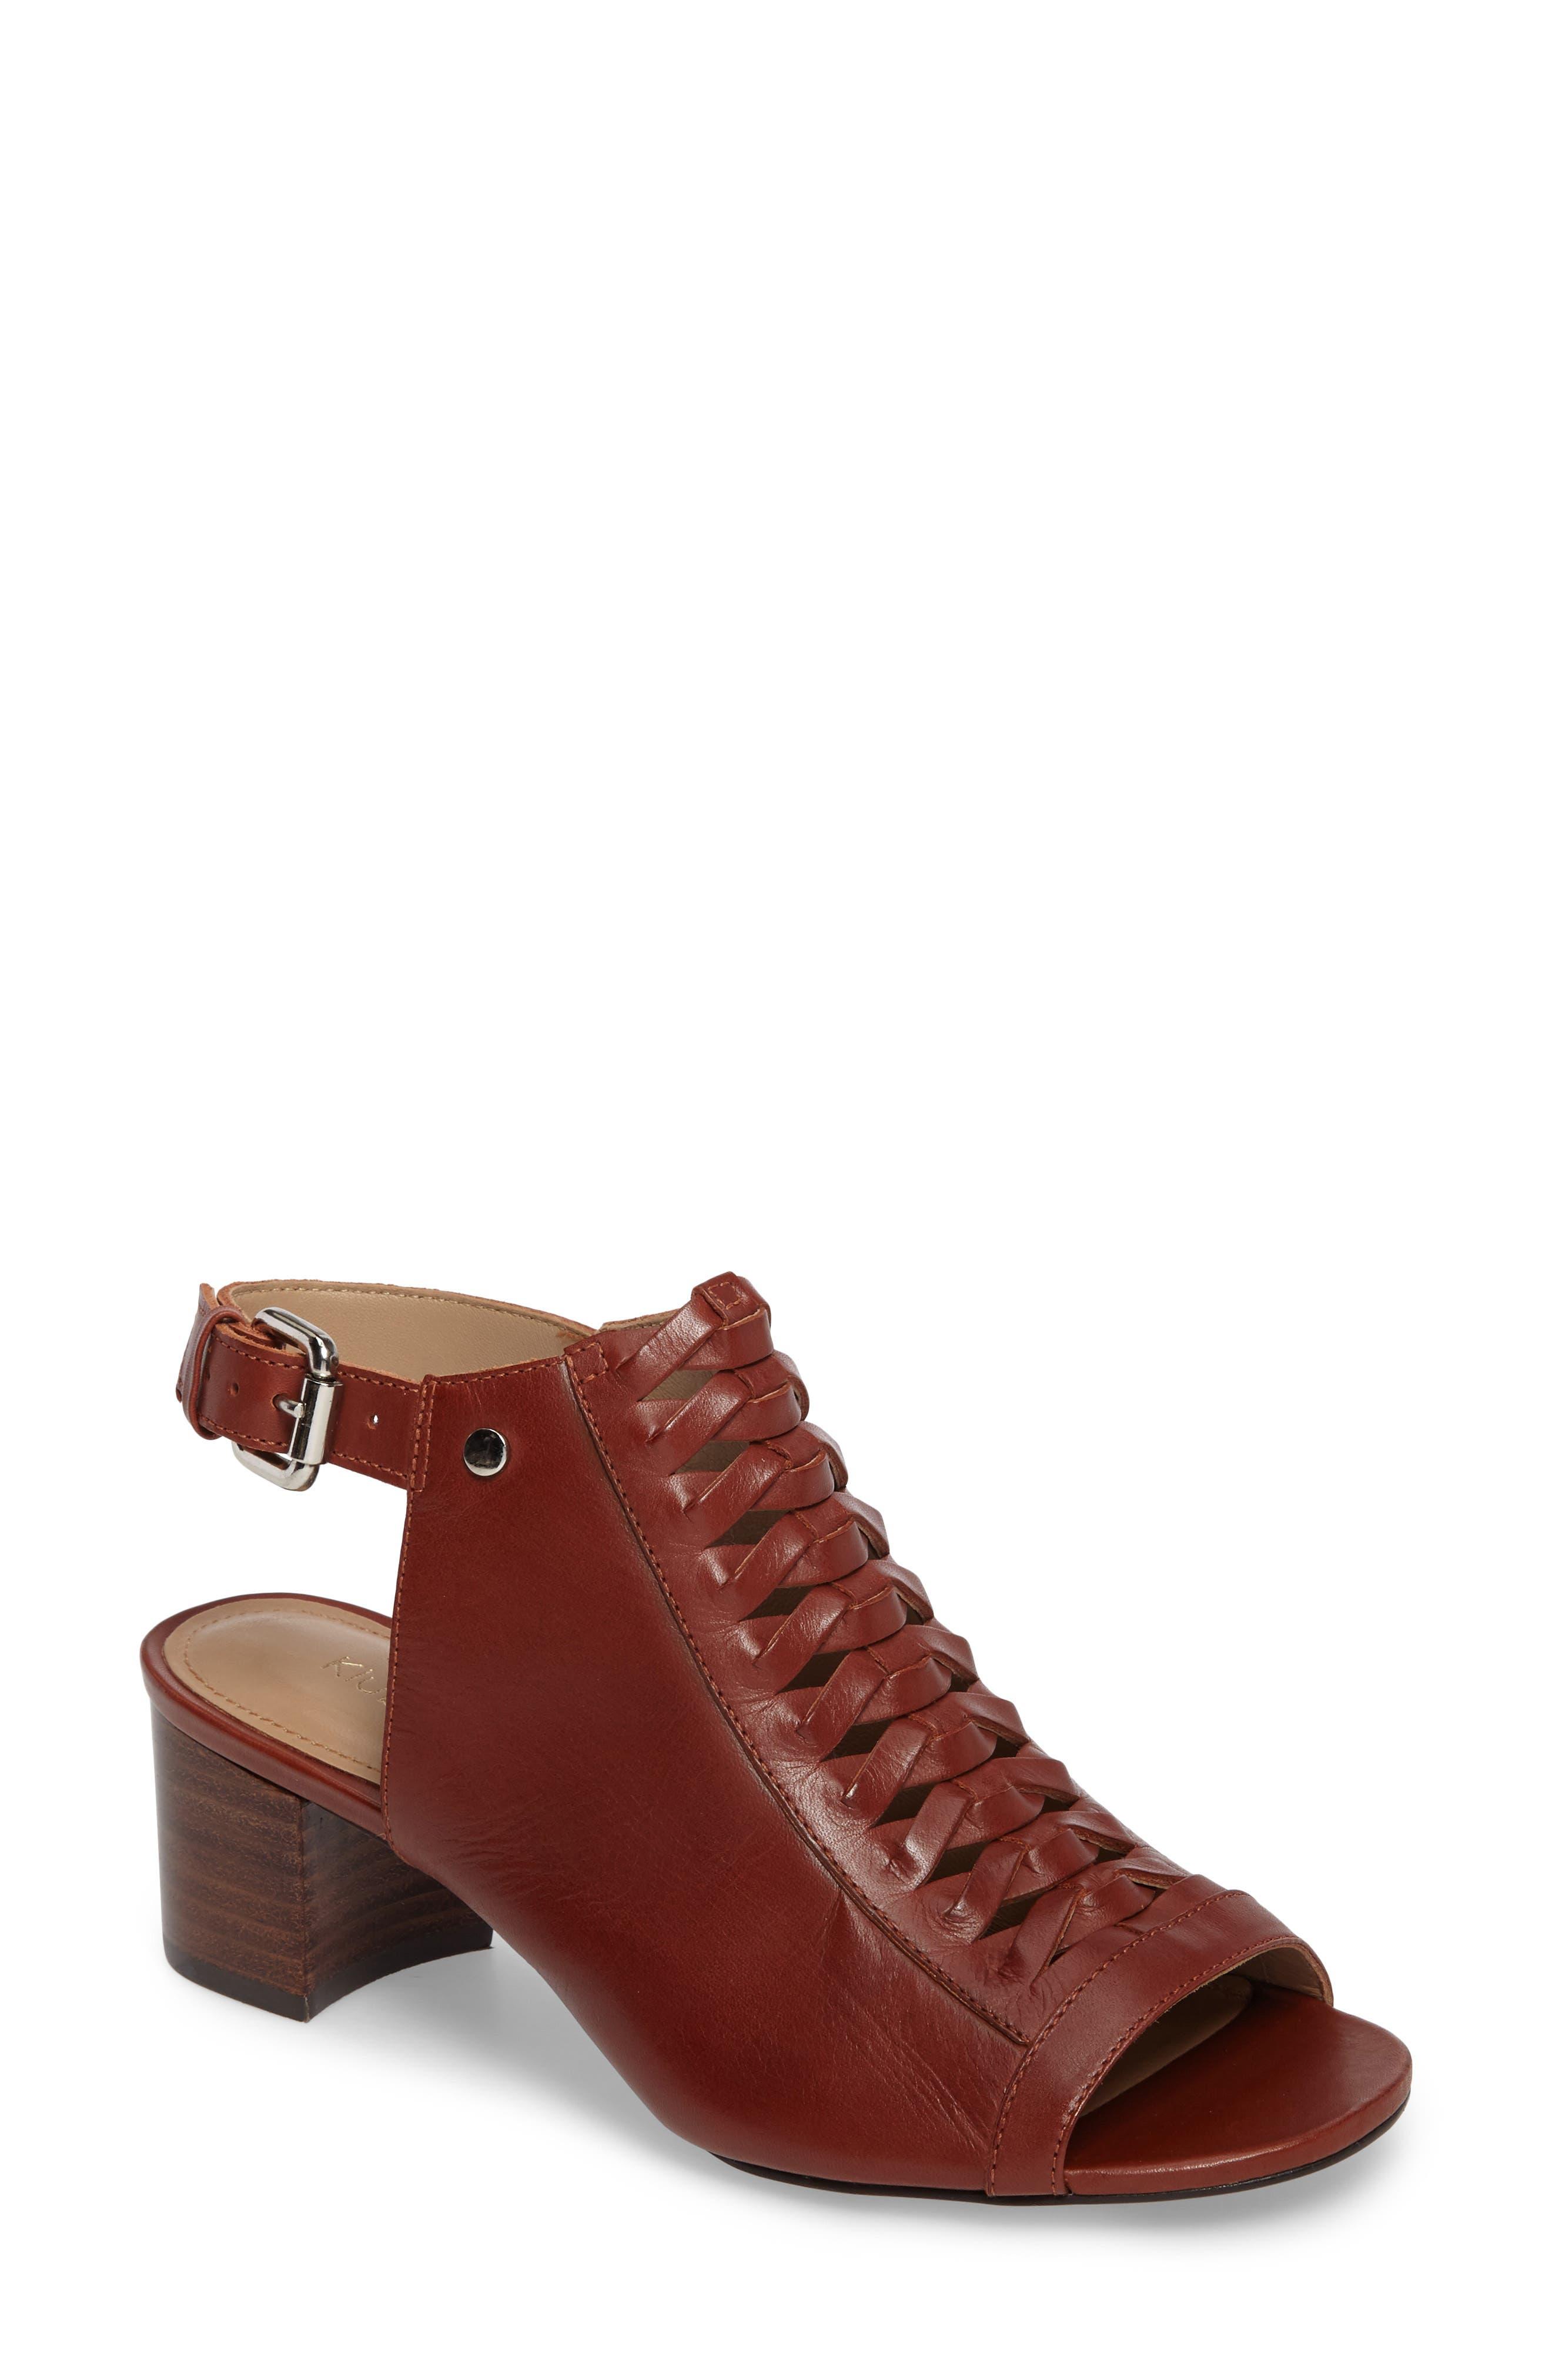 Dallas Woven Sandal,                         Main,                         color, Cognac Leather